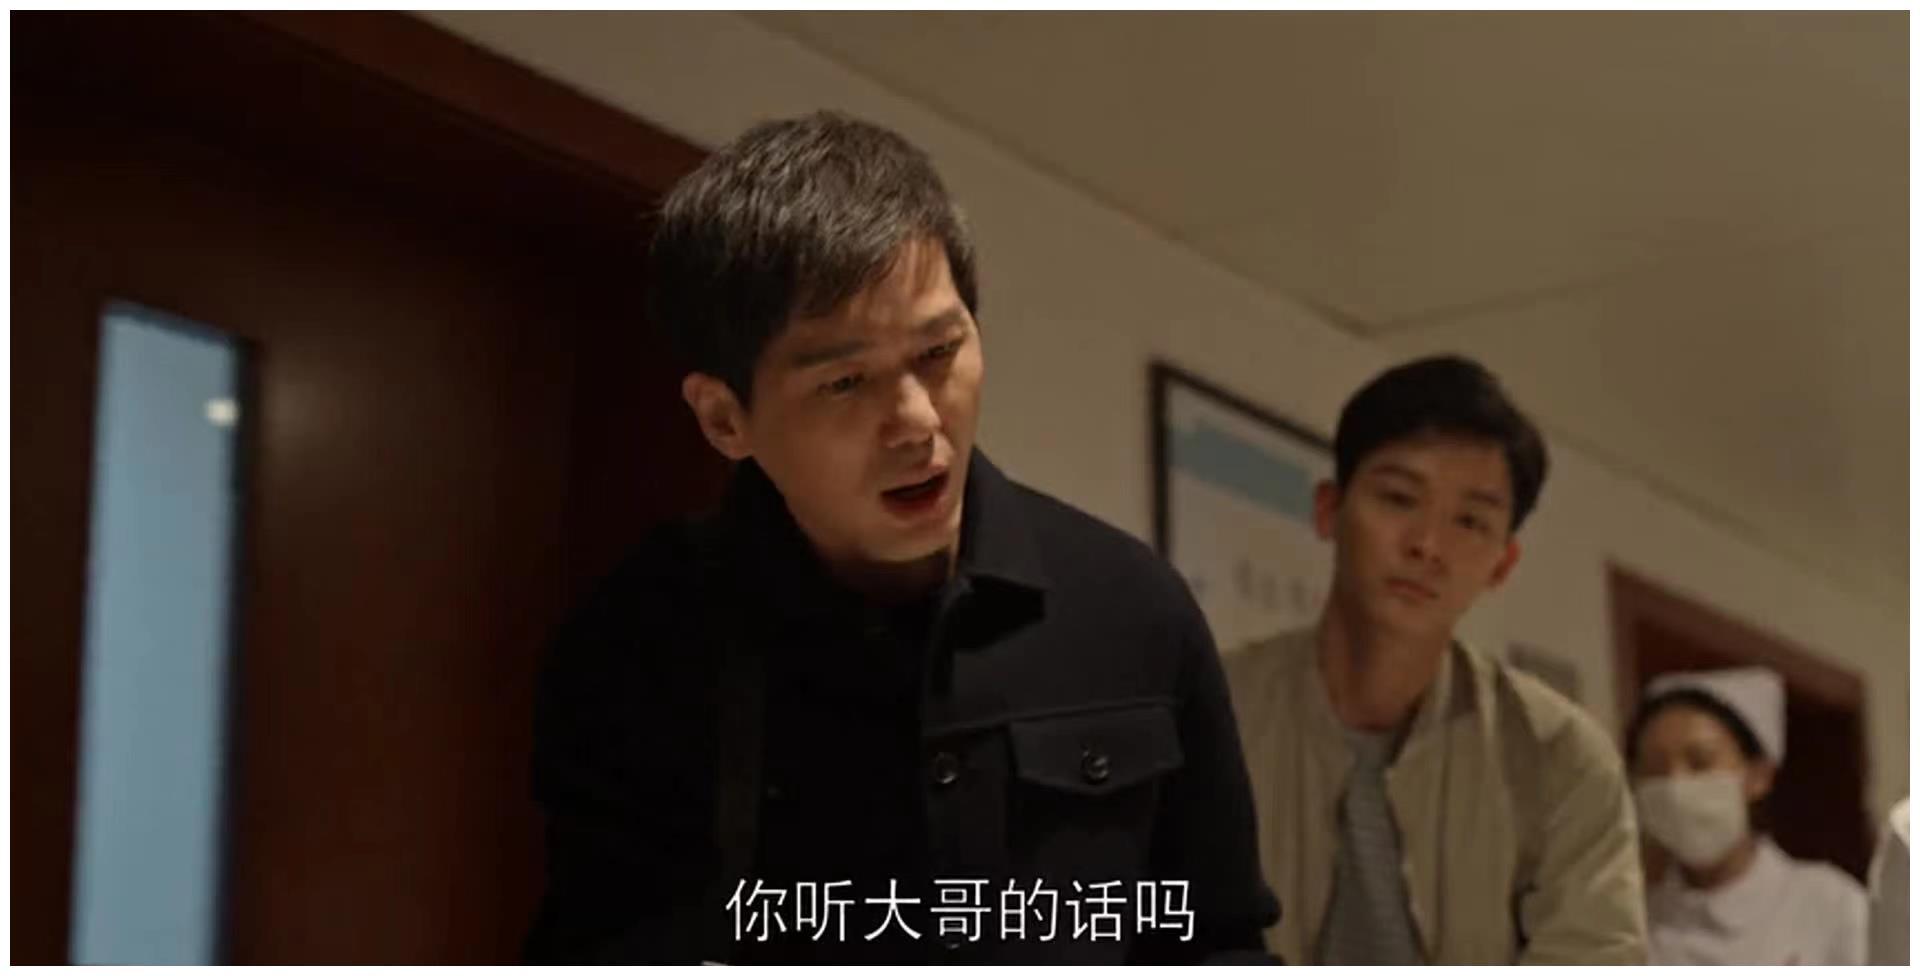 《乔家》5位男演员,白宇对爱情长久专一,李佳航会哄长辈和妻子